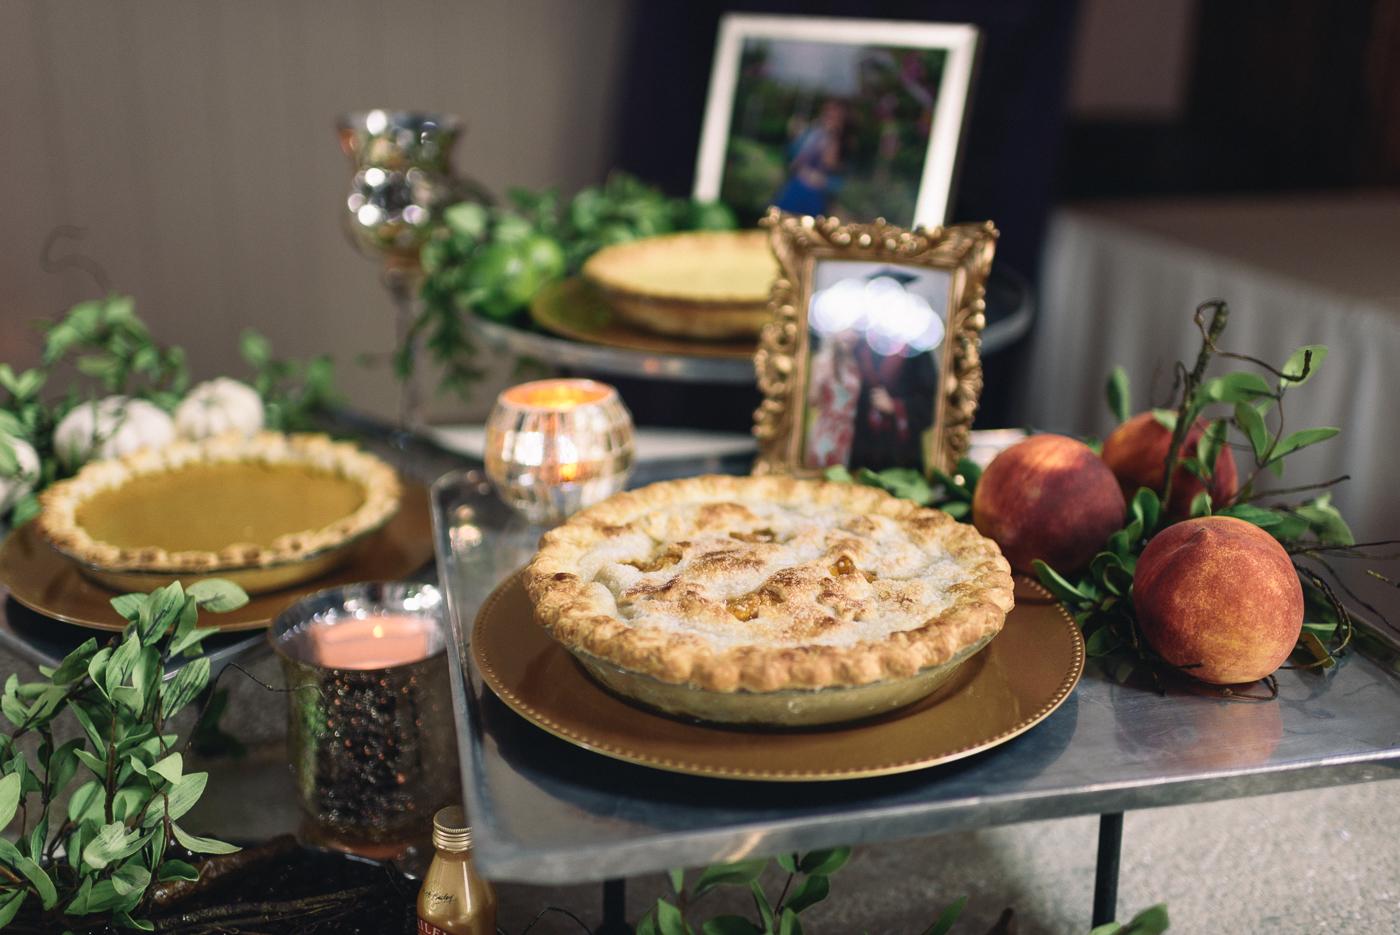 wedding reception homemade peach cobbler dessert table